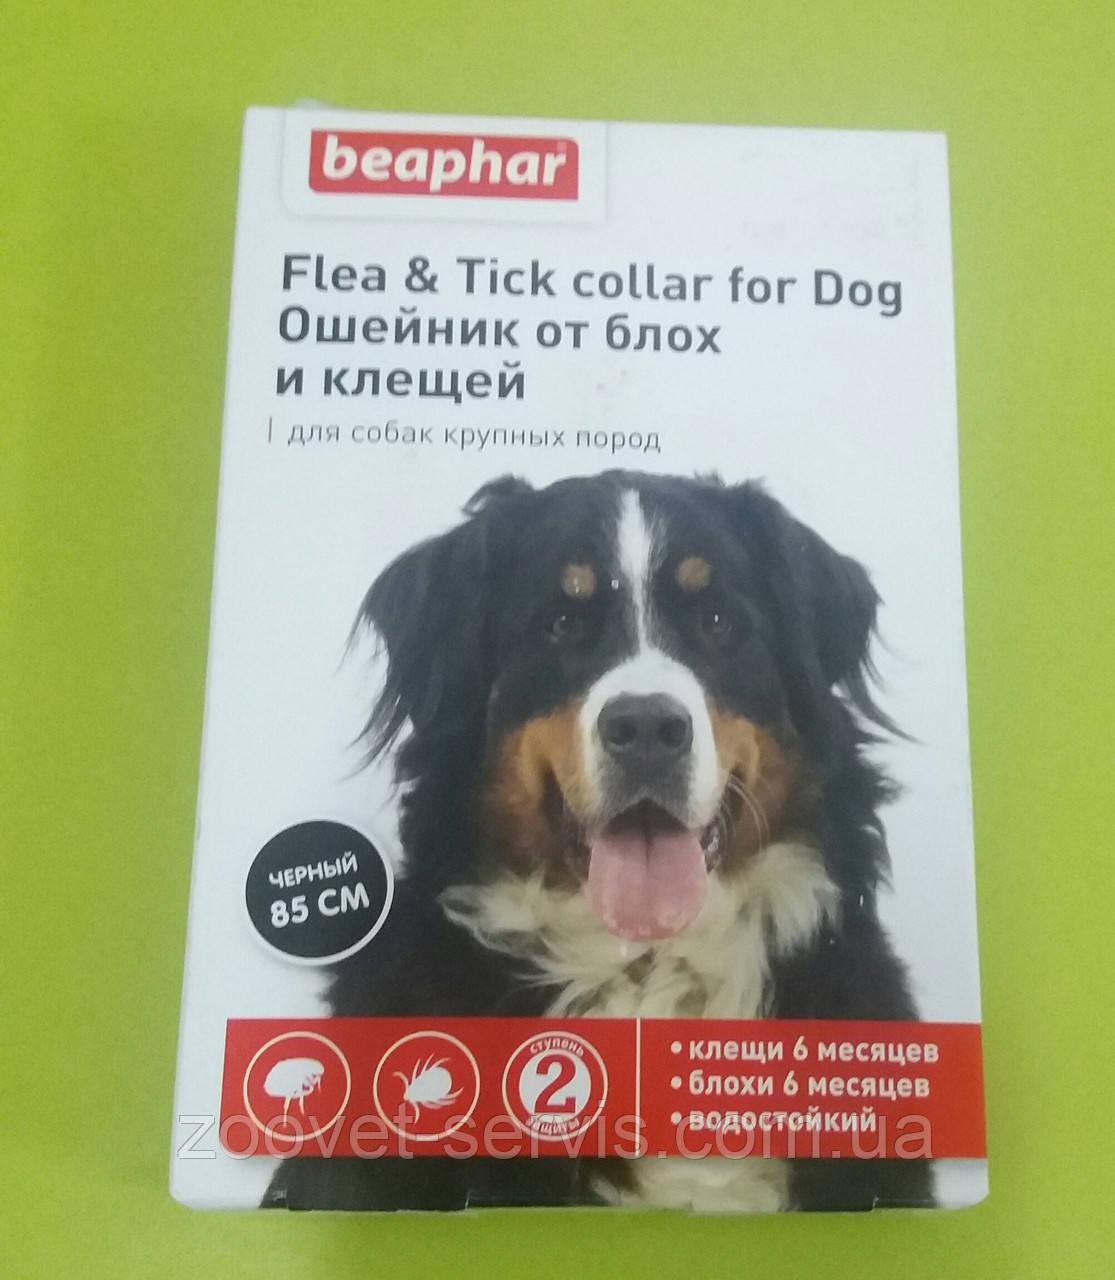 Ошейник Беафар против блох и клещей для собак крупных пород черный 85 см